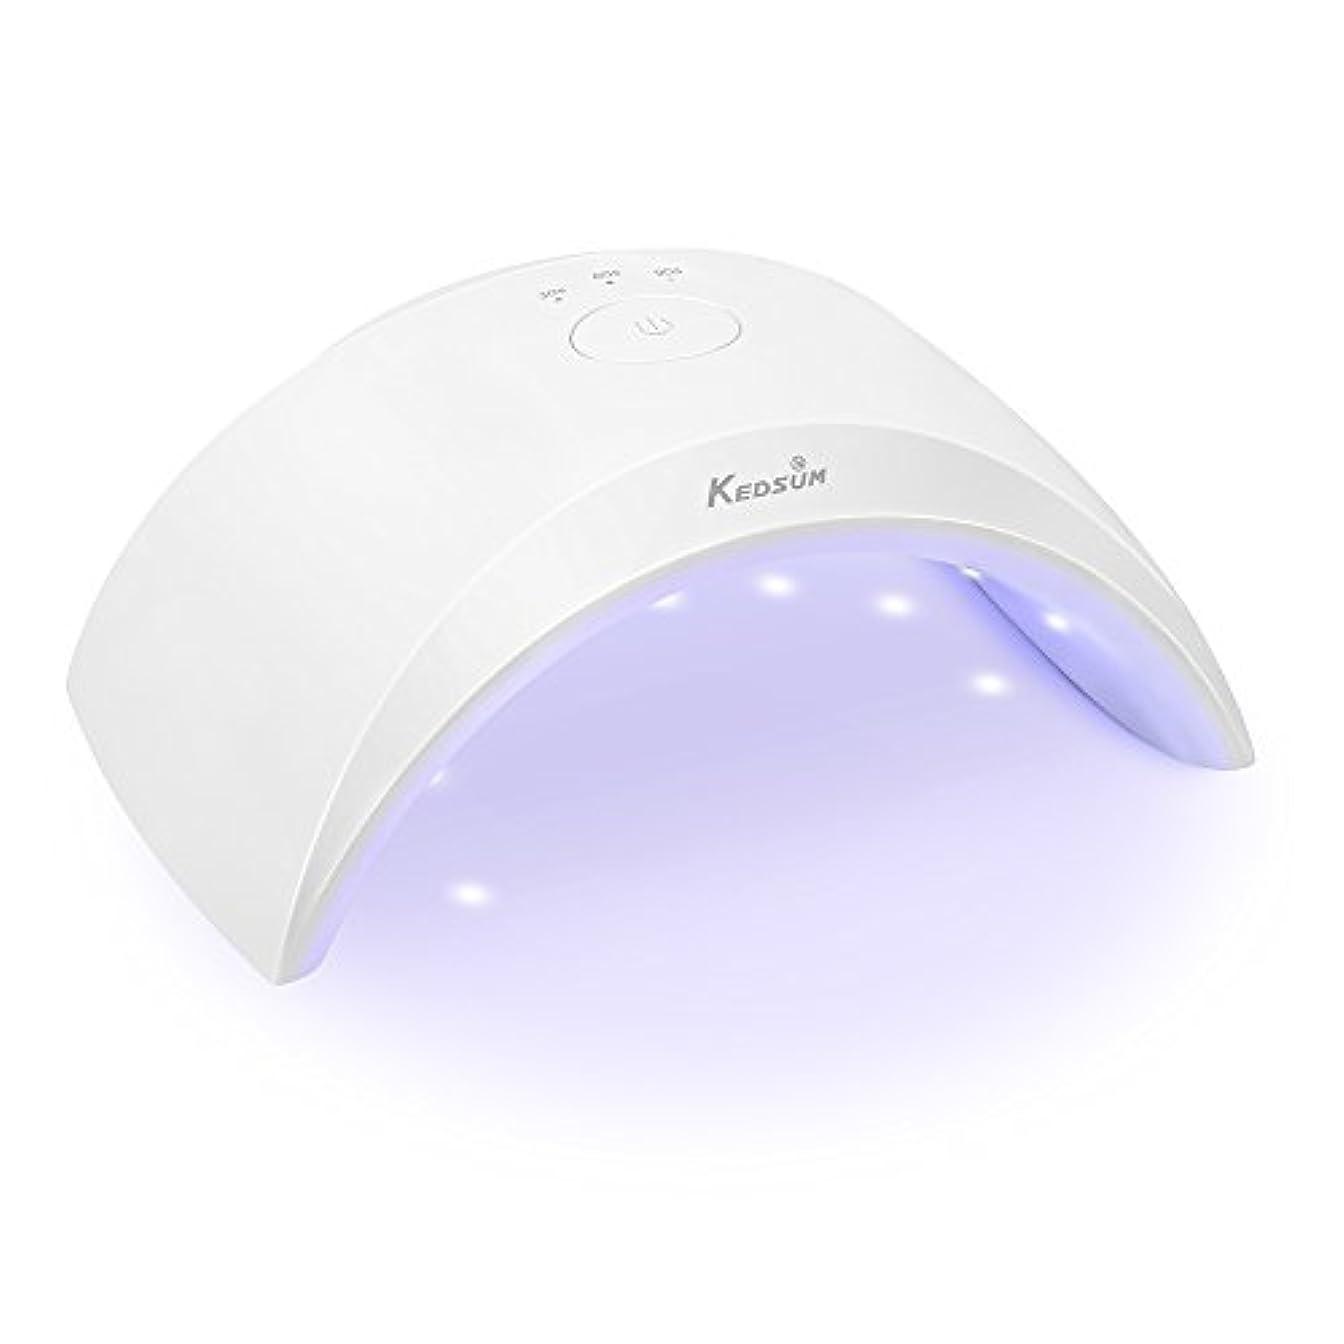 枯れる絞るマーカーKEDSUM UV LEDネイルドライヤー 24W 硬化用ライト マニキュア/ジェルネイル用ライト ネイルランプ 30s/60s/90sタイマー設置可能 手足両用 自動パワーオフ